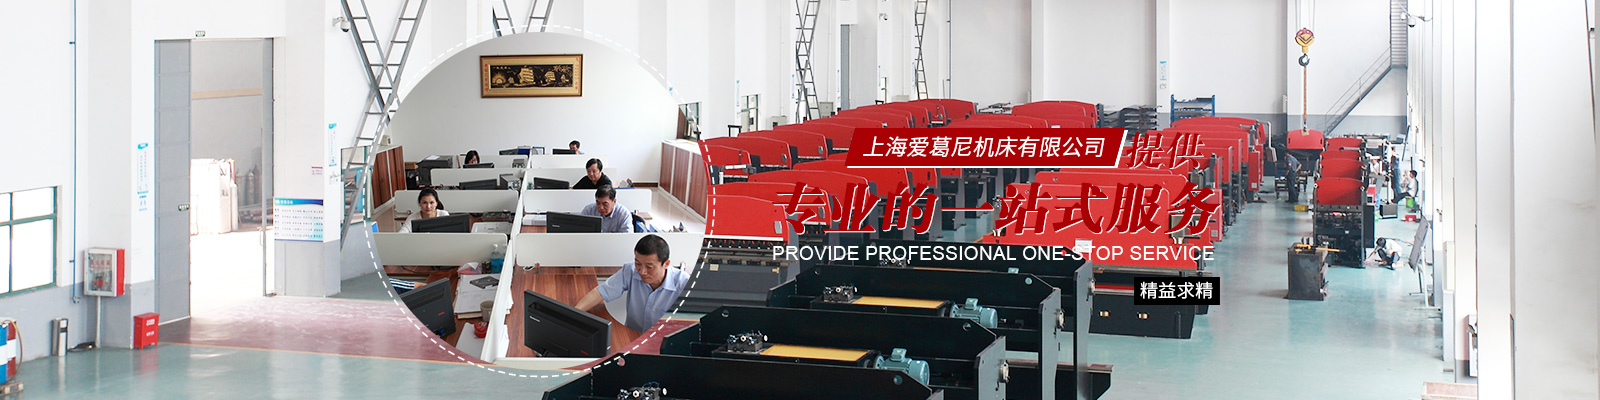 上海平台国际有限公司